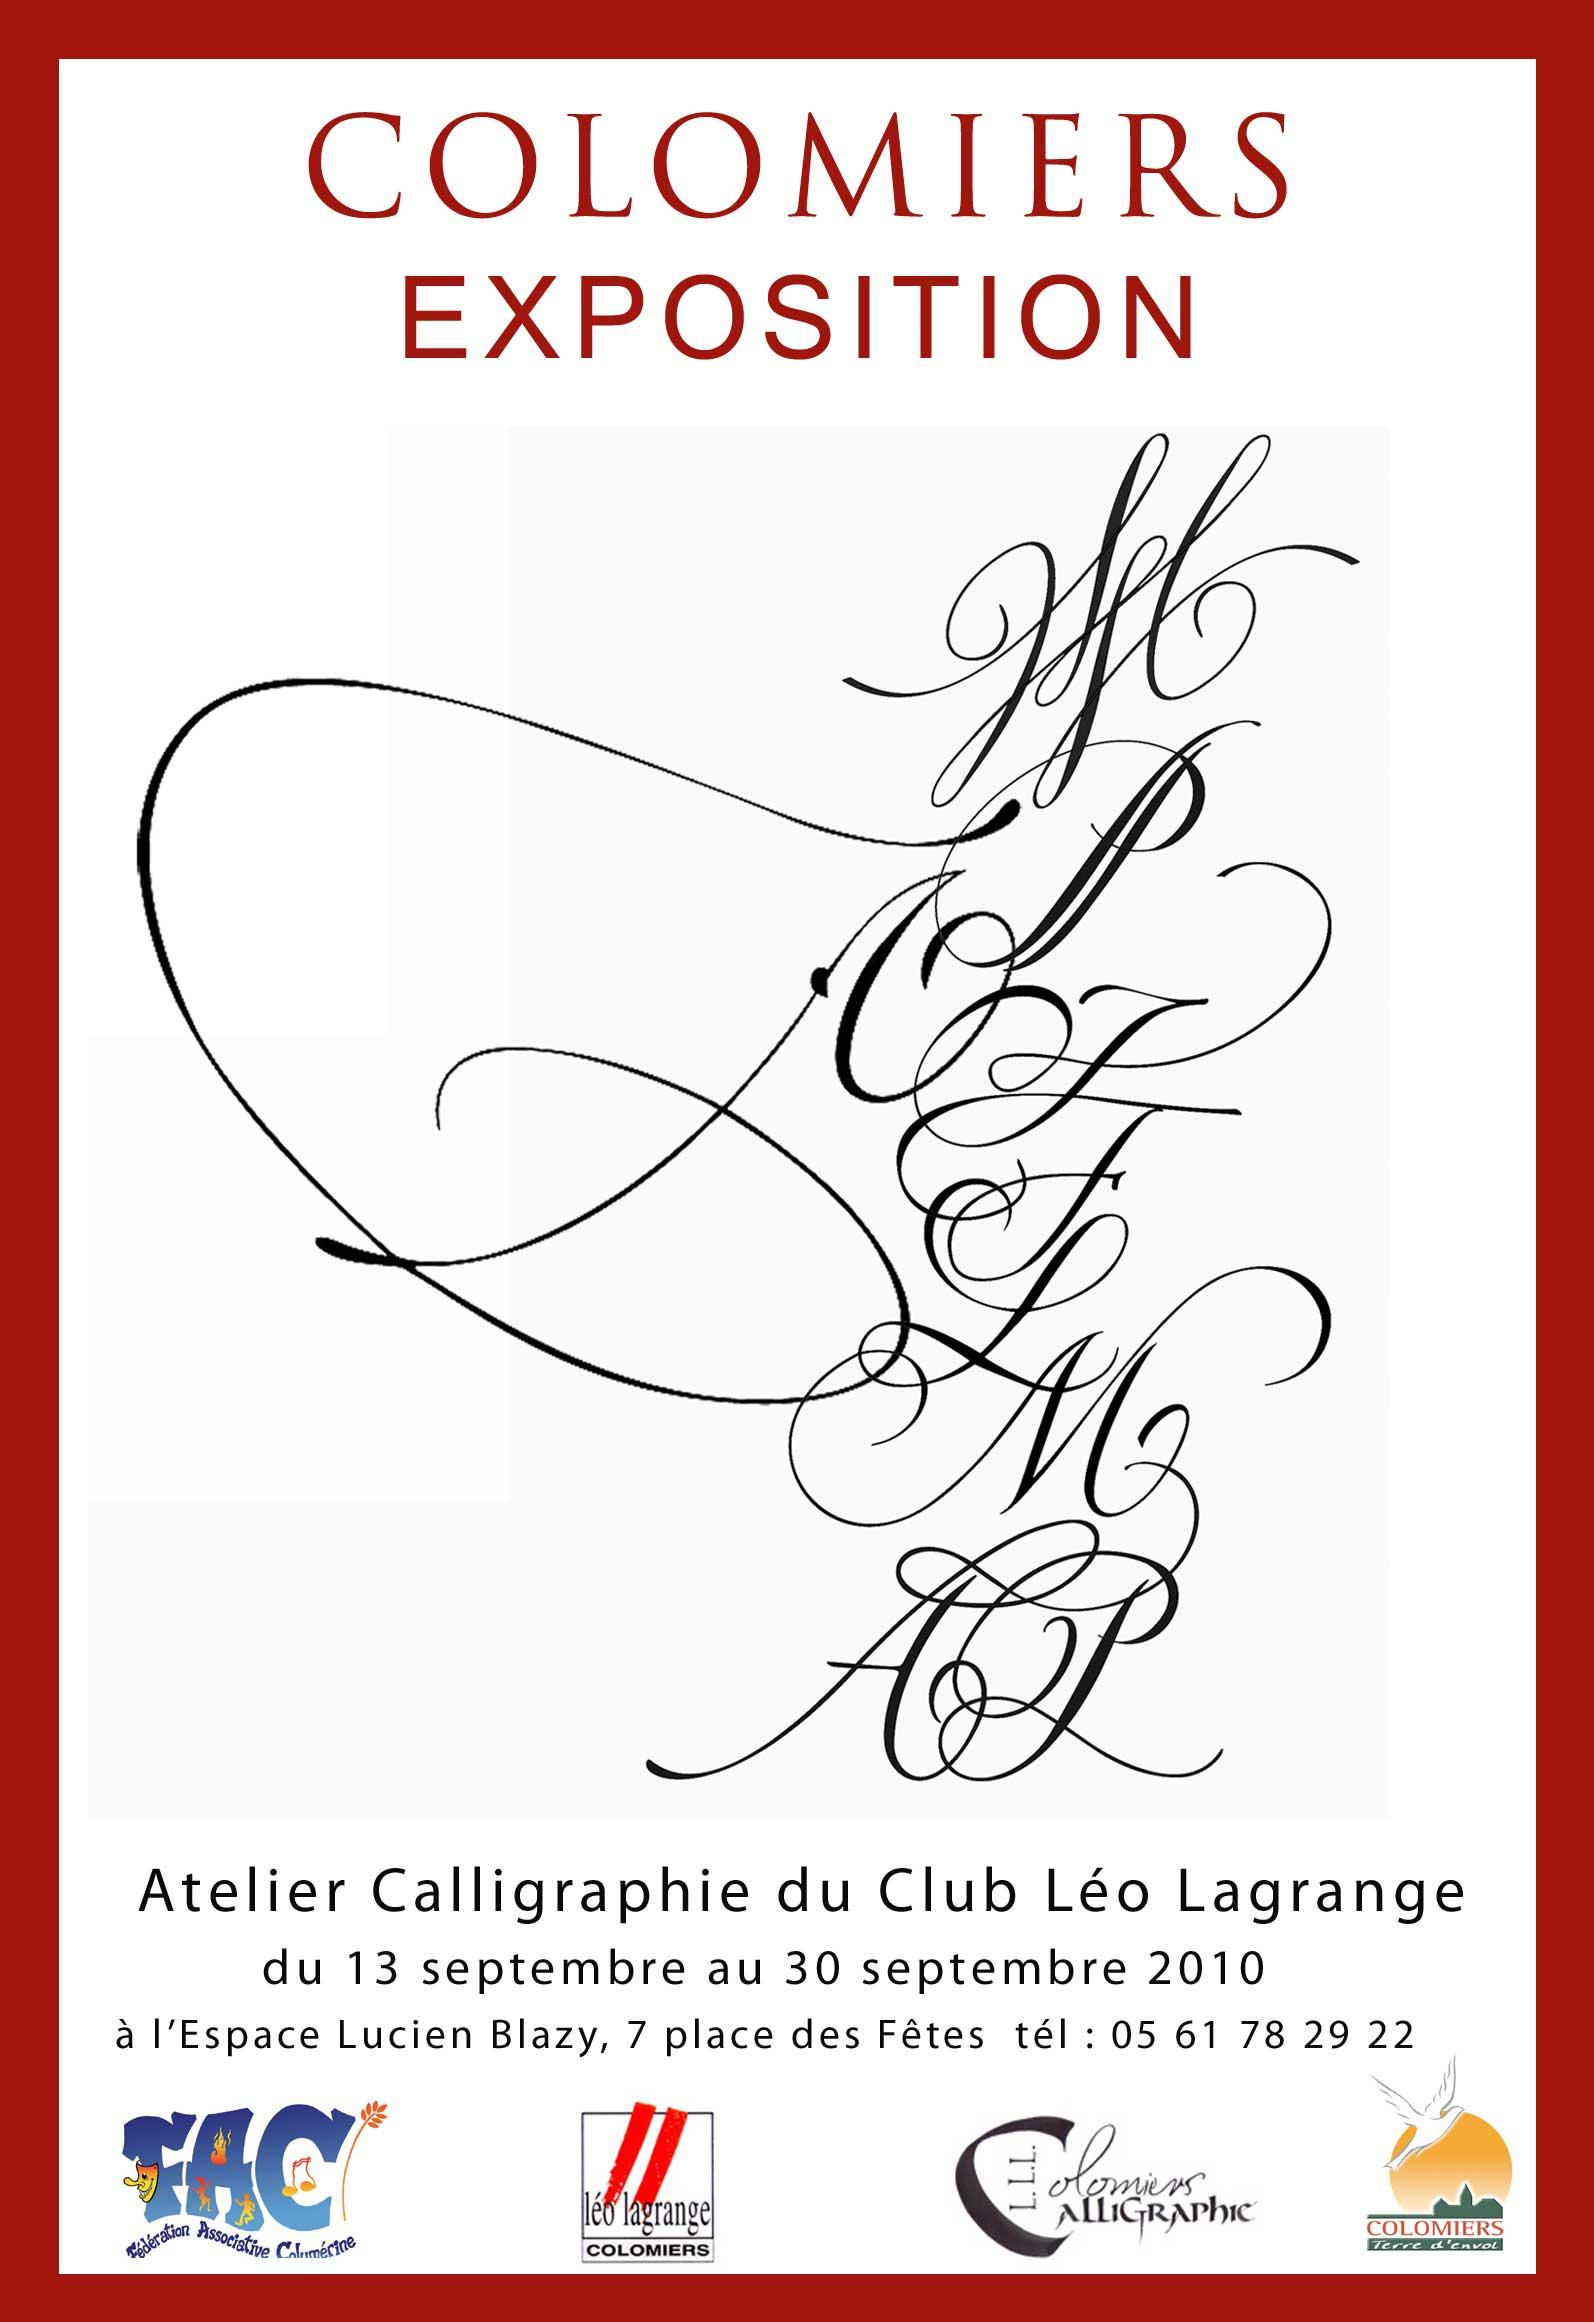 apprendre-la-calligraphie-toulouse-colomiers-